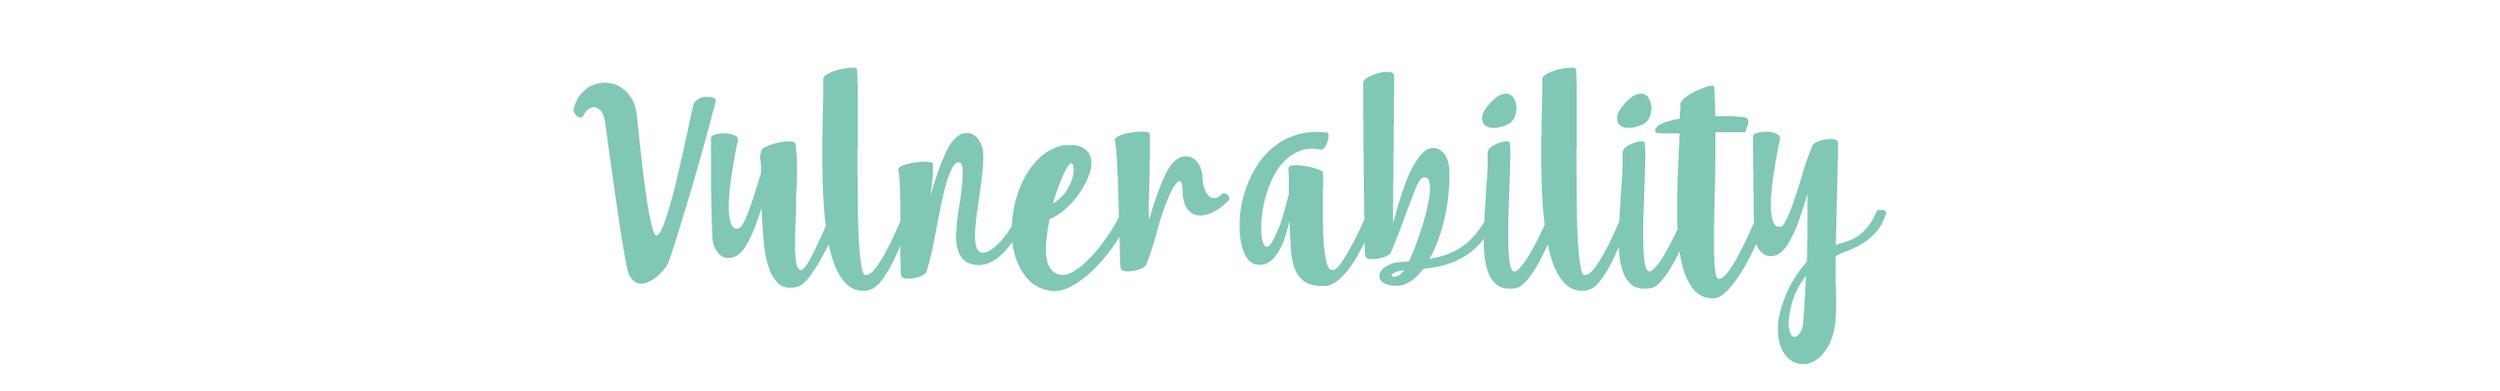 lhvulnerability-01[4041].png